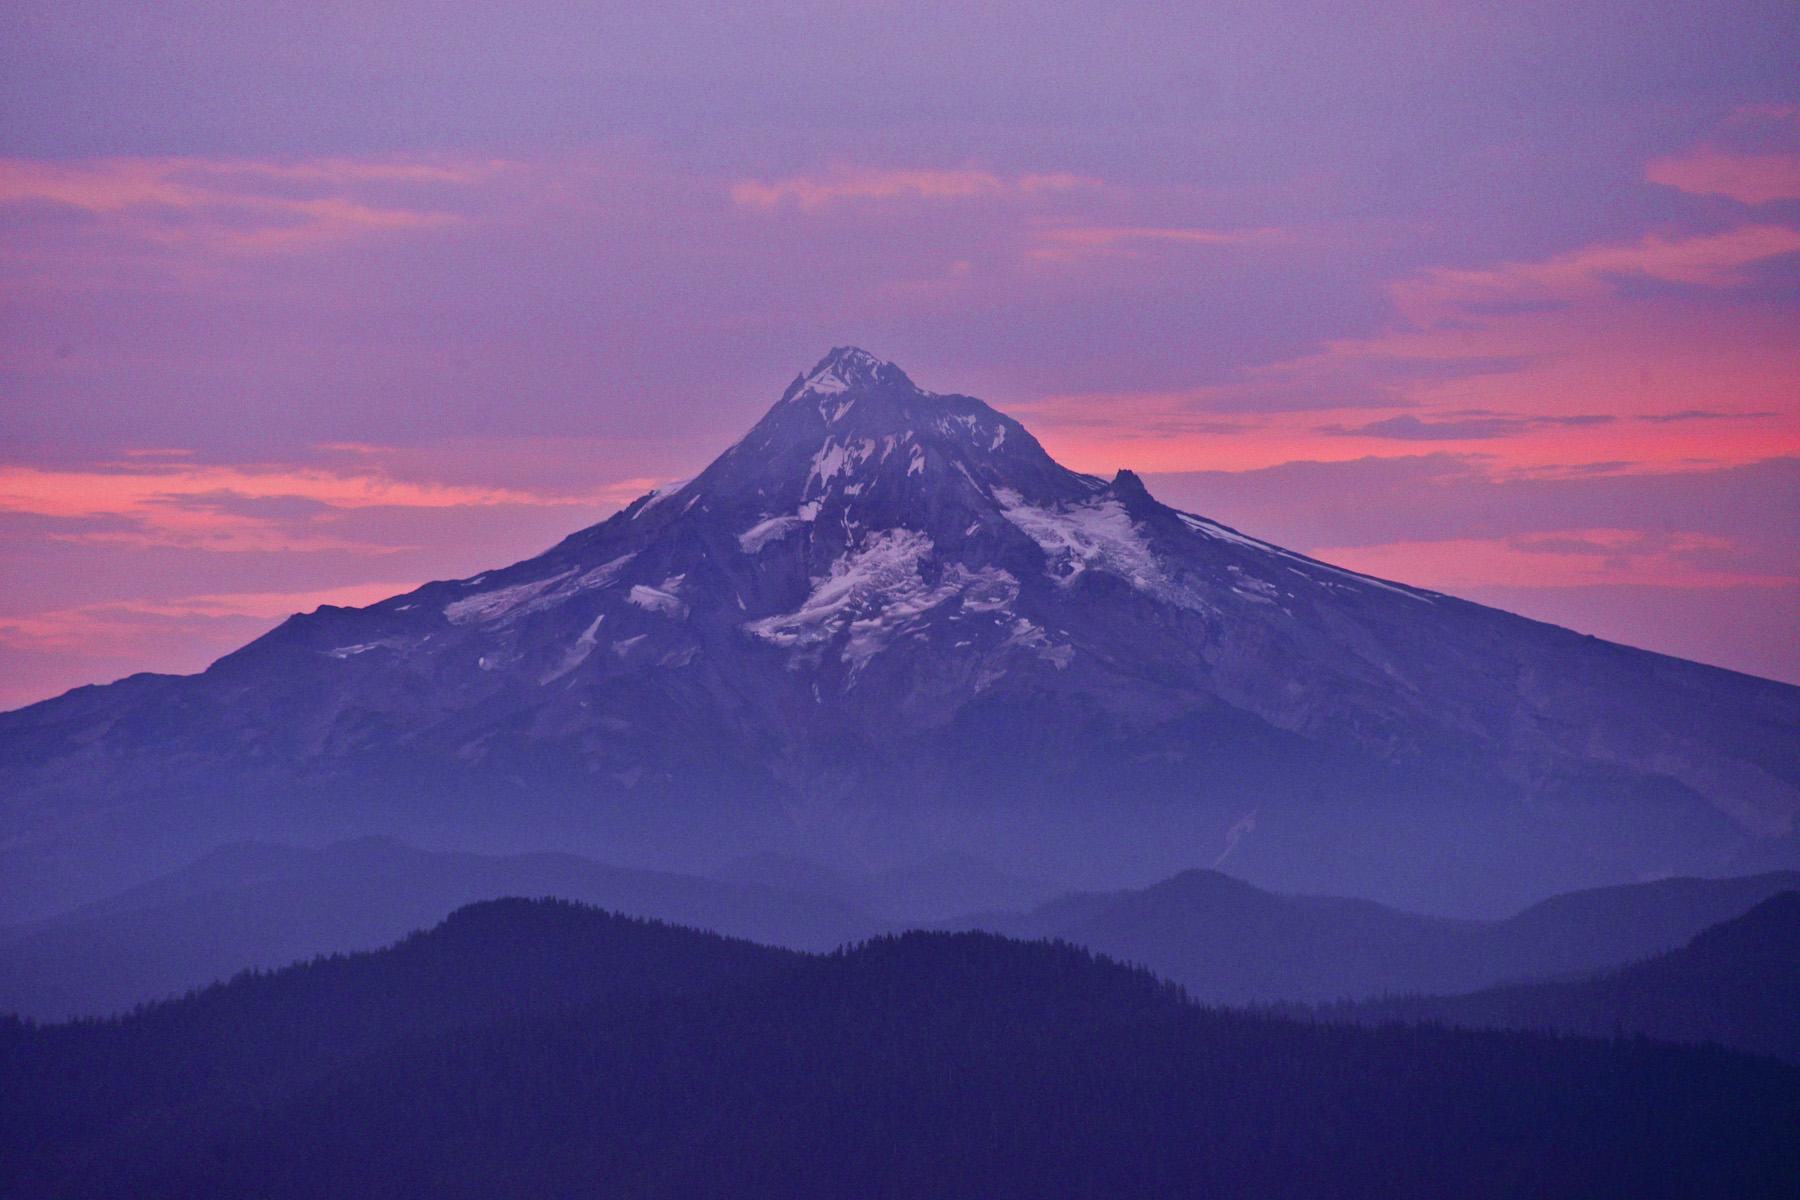 Mount Hood Oregon at Sunrise